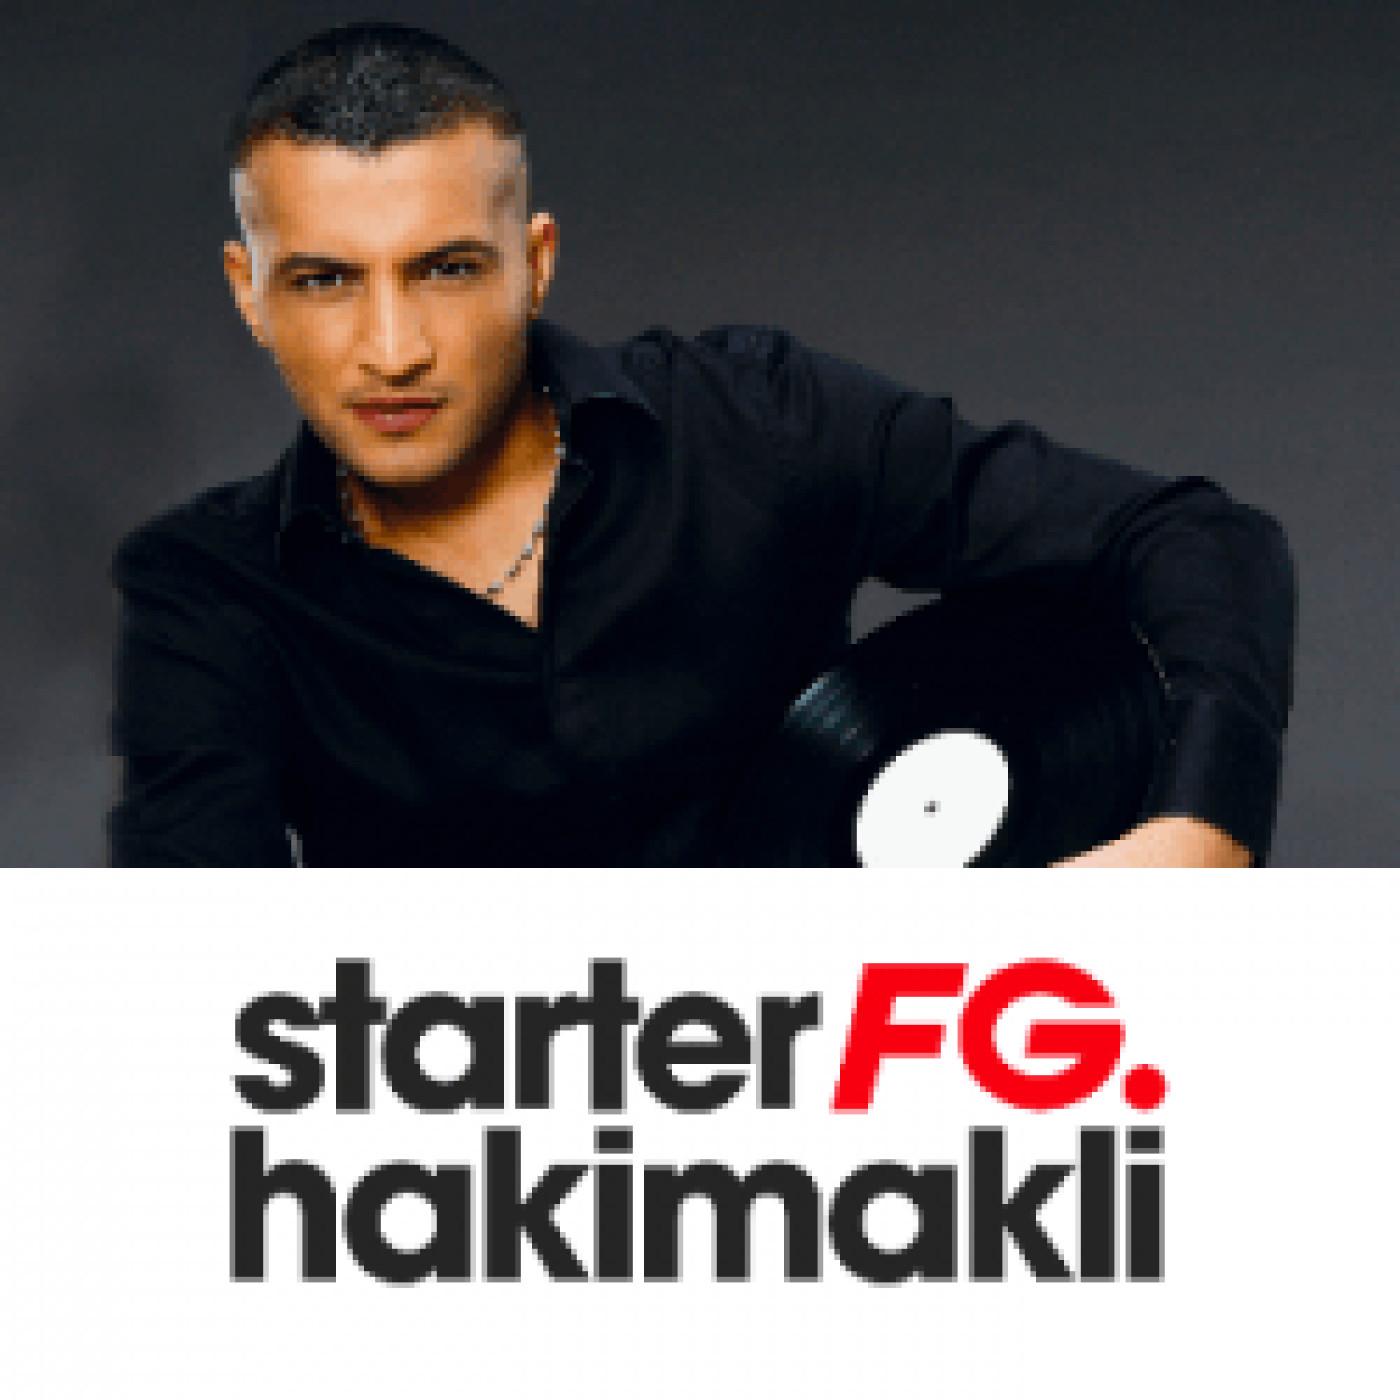 STARTER FG BY HAKIMAKLI LUNDI 31 AOUT 2020